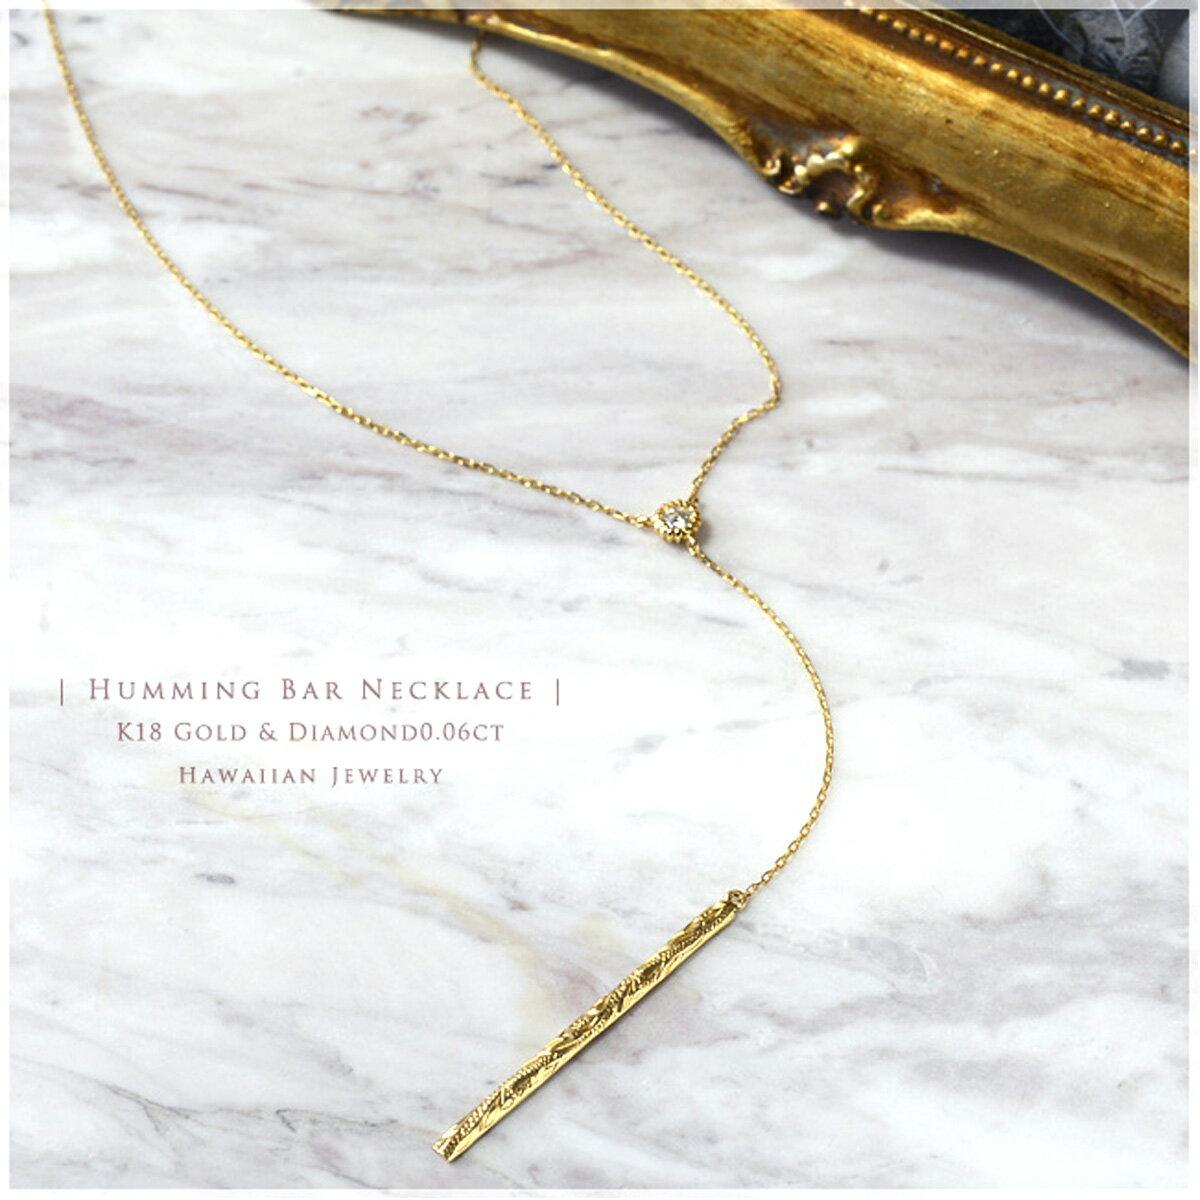 ネックレス レディース 女性 ハワイアンジュエリー K18 ゴールド オパールまたは ダイヤモンド 0.06ct ハミング バー Y字 イエローゴールド 華奢 シンプル ペンダントane1192